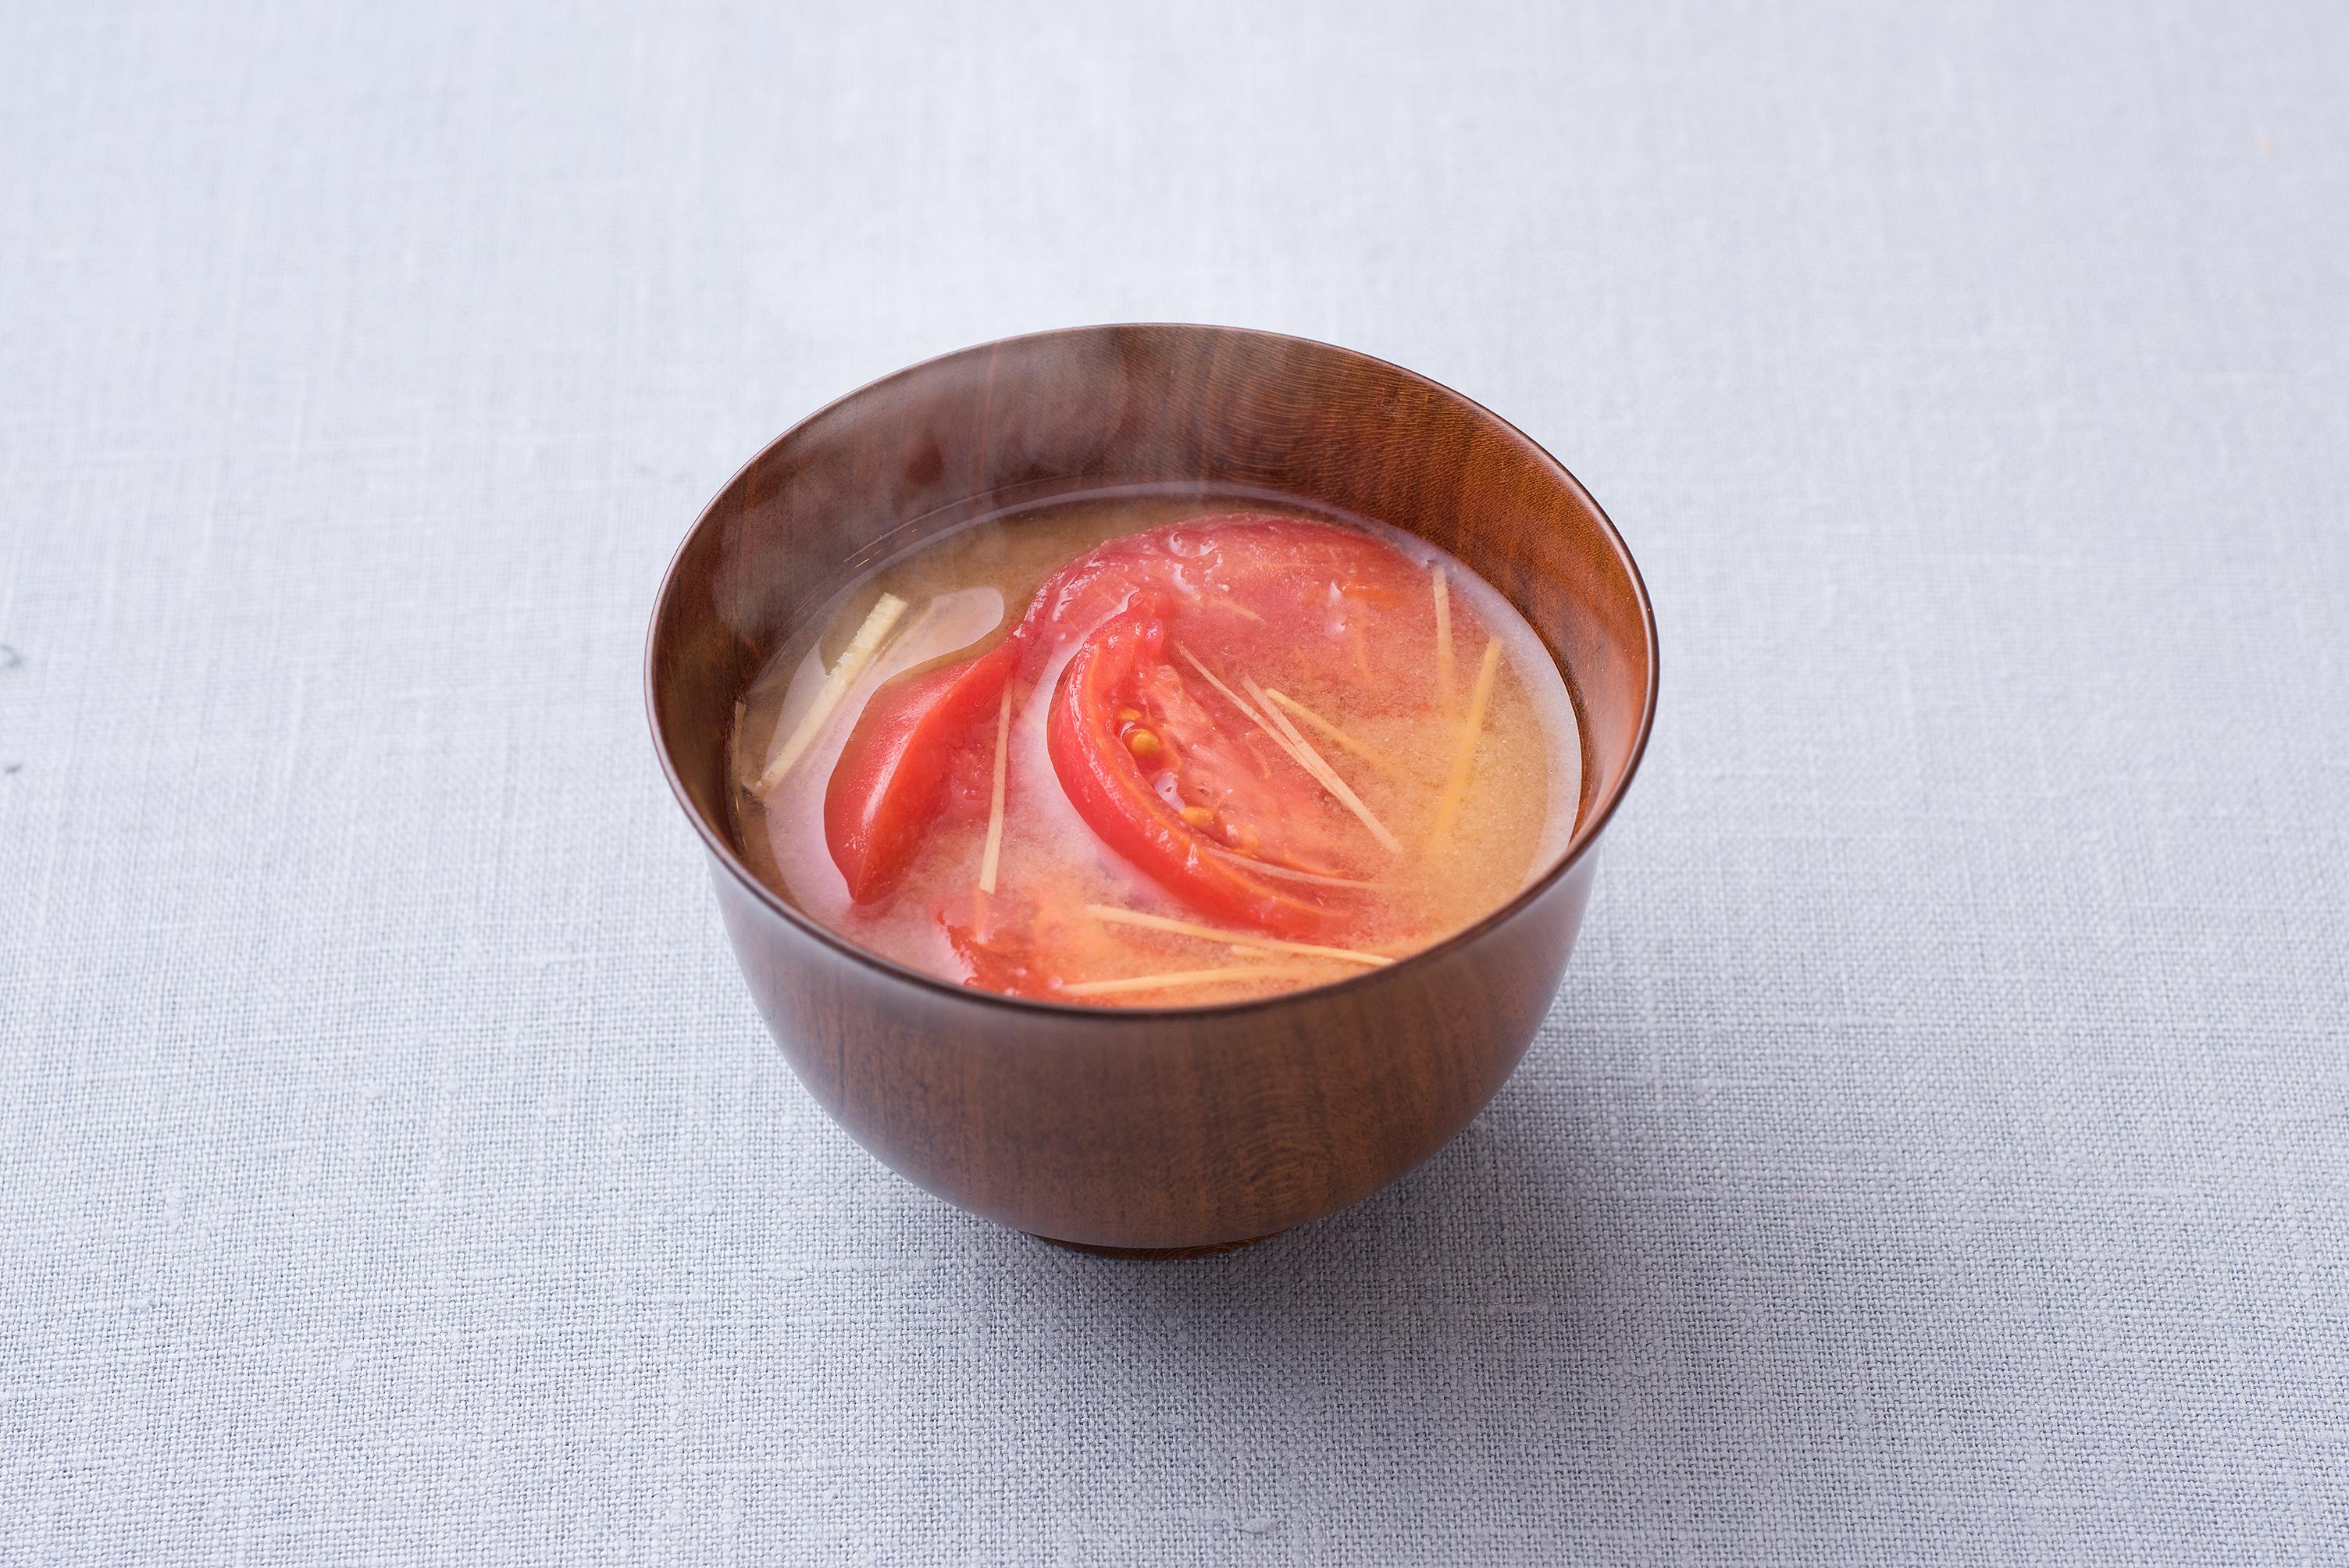 味噌汁に「意外と」あう食材は? 1位にまさかの「トマト」